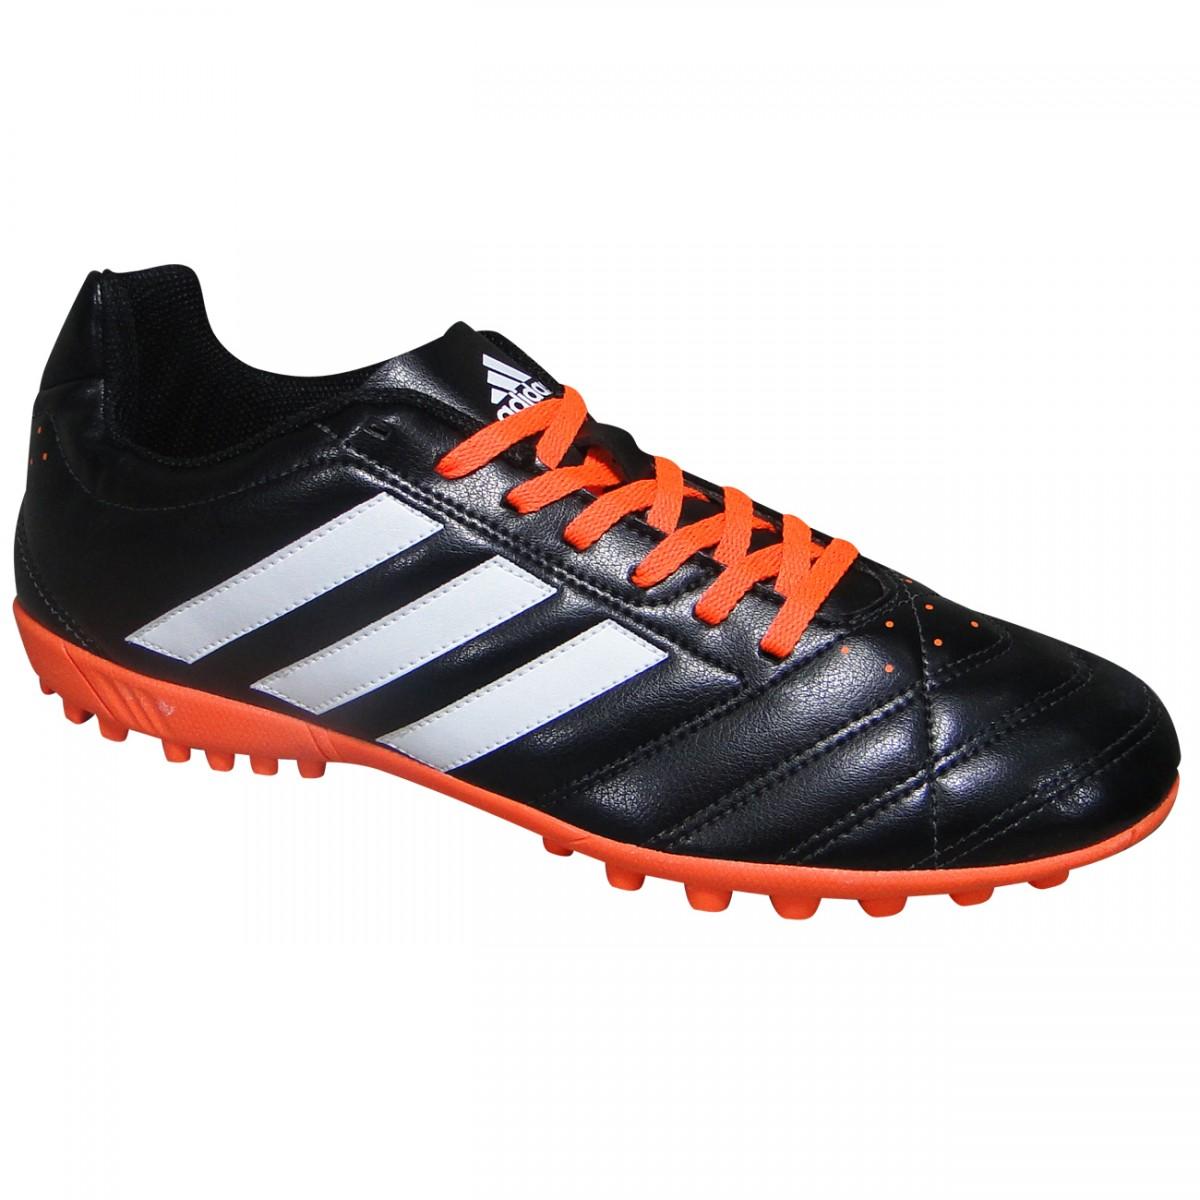 db6270da50 Chuteira Society Adidas Goletto V B27092 - Preto Branco Laranja - Chuteira  Nike